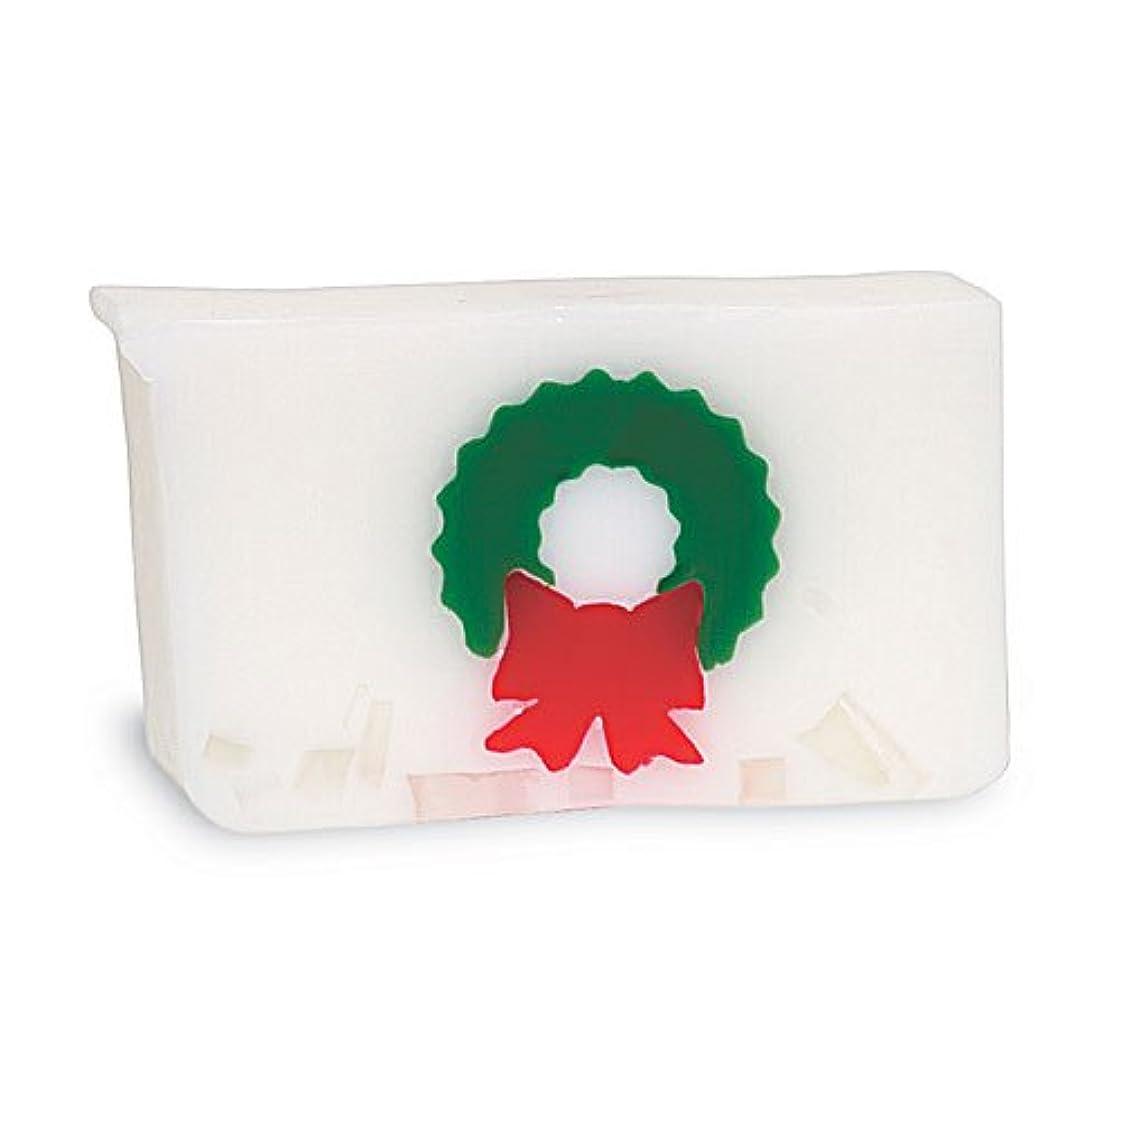 アイドル灰差し引くプライモールエレメンツ アロマティック ソープ クリスマスリース 180g 植物性 ナチュラル 石鹸 無添加